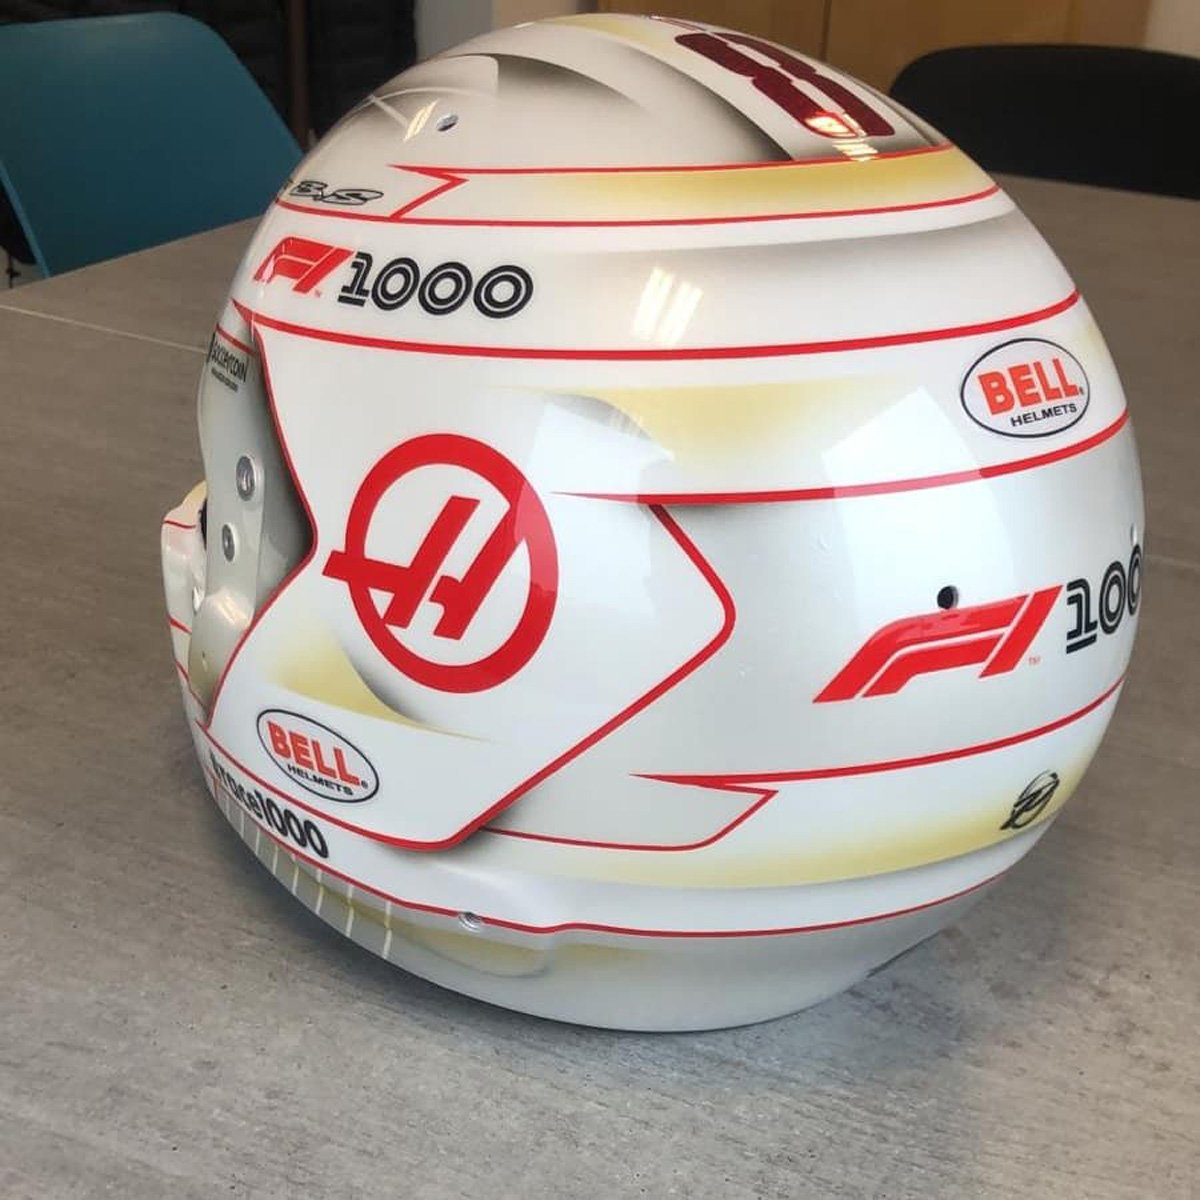 ロマン・グロージャン 2019年 F1中国GP ヘルメット③